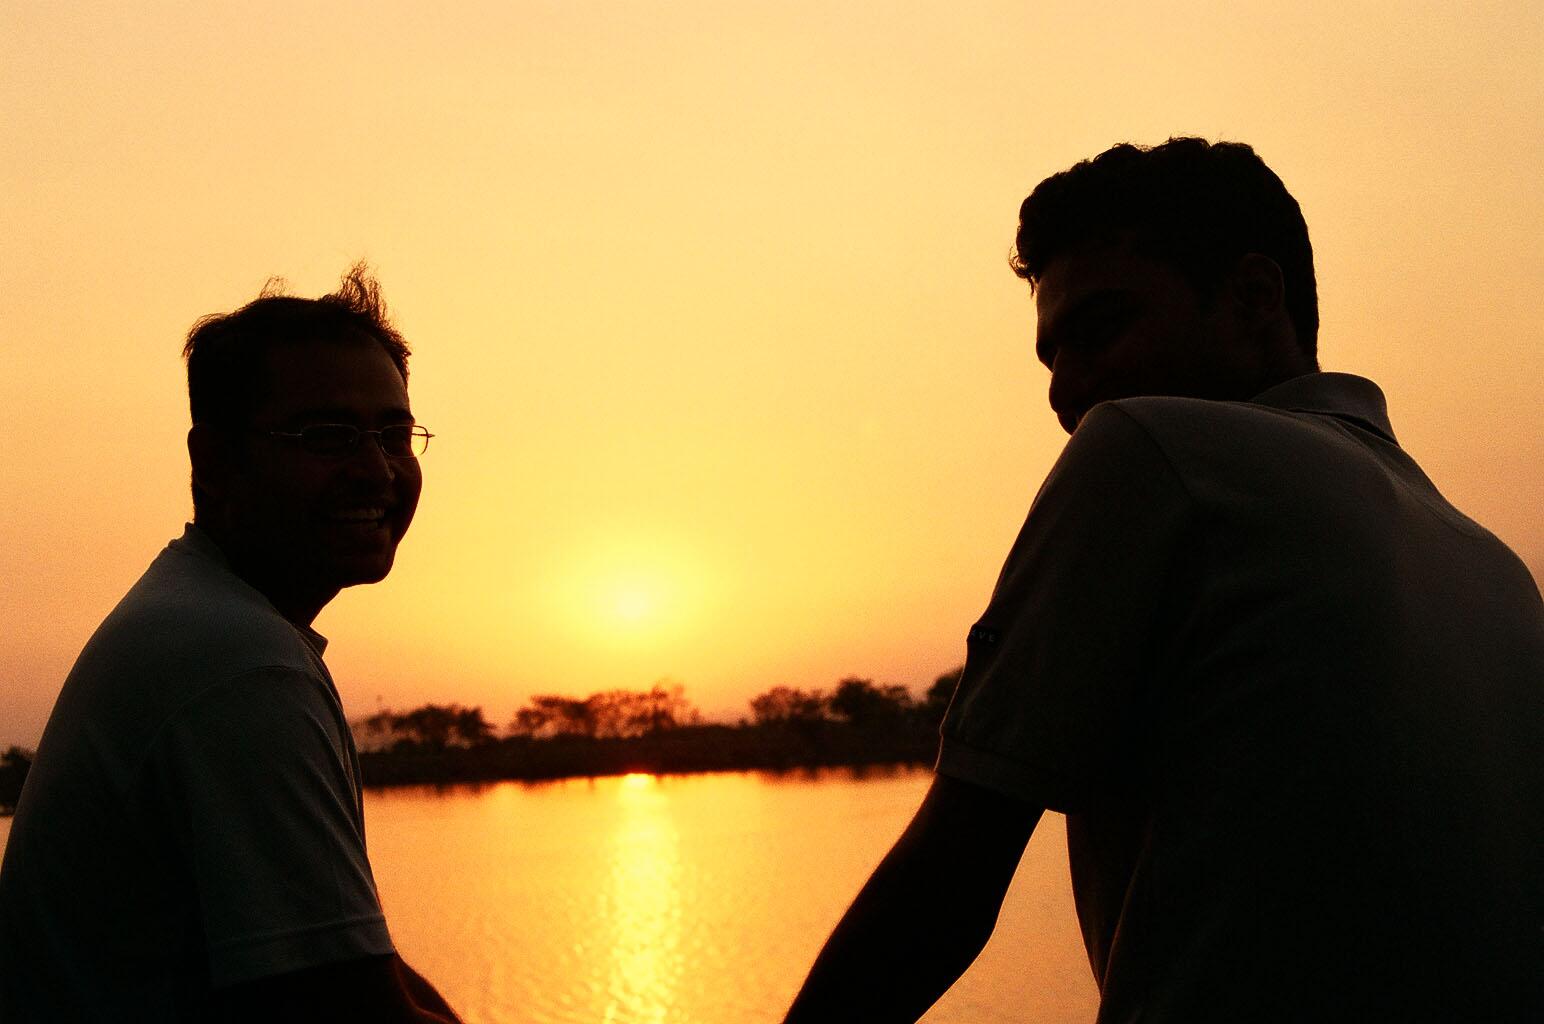 بالصور صور عن الاصدقاء , اكثر صور معبرة عن الاصدقاء 1433 13